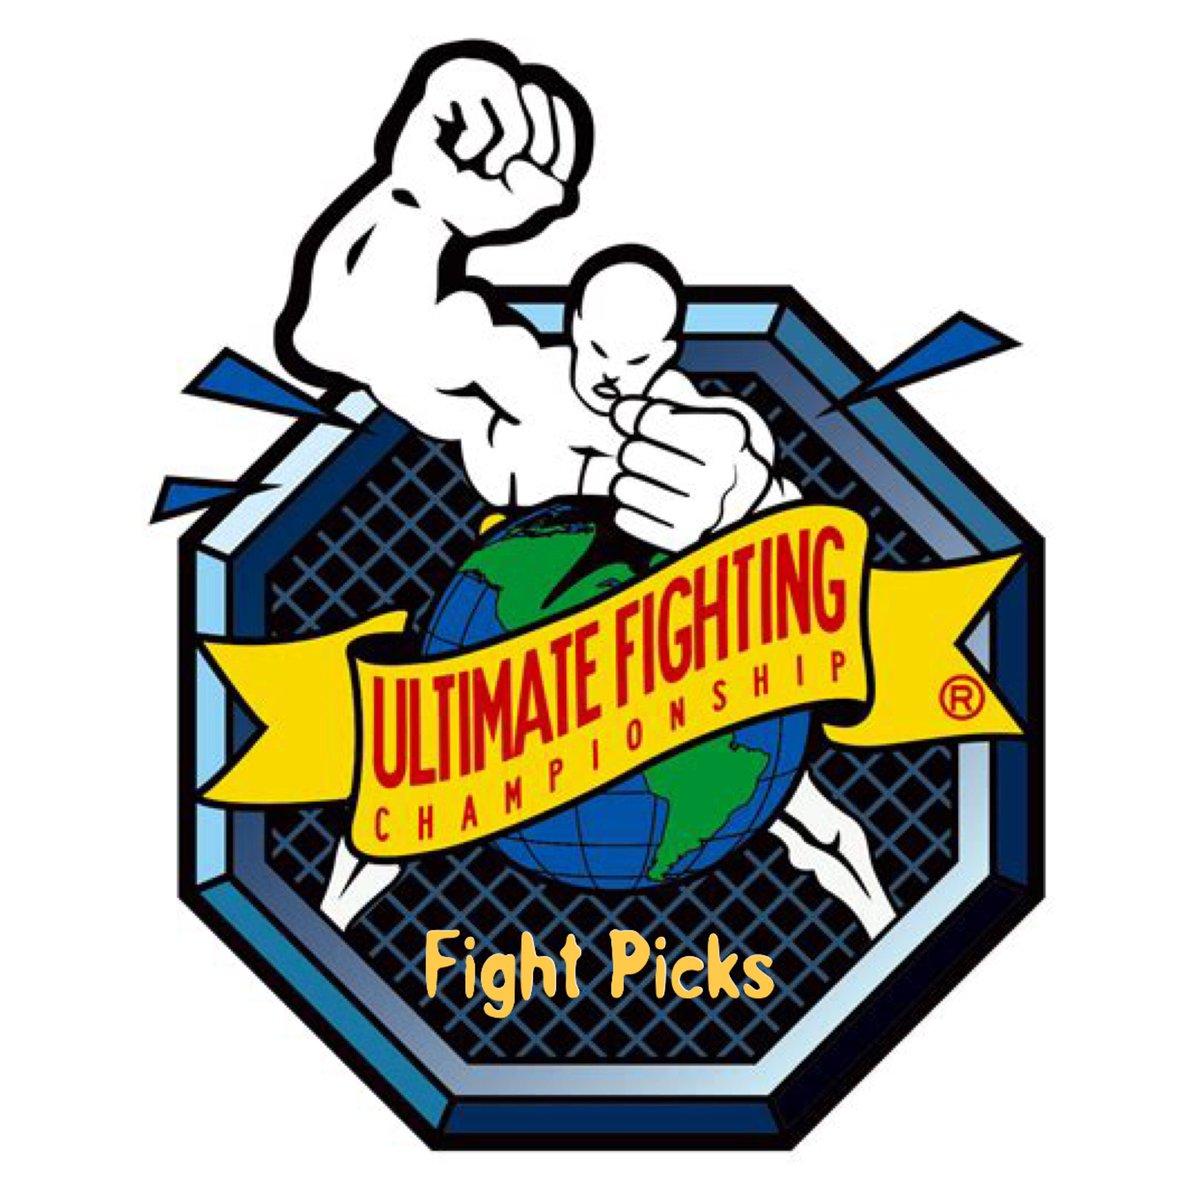 💰2020 #FightPick record:   • Overall: (108-72) | 60%  - Main Card: (47-38) | 55.29% - Prelims: (56-28) | 66.67% - Early Prelims: (5-6) | 45.45%   1️⃣ Draw: #UFCBrasilia  1️⃣ No Contest: #UFC247 https://t.co/BMMhEFSaXh